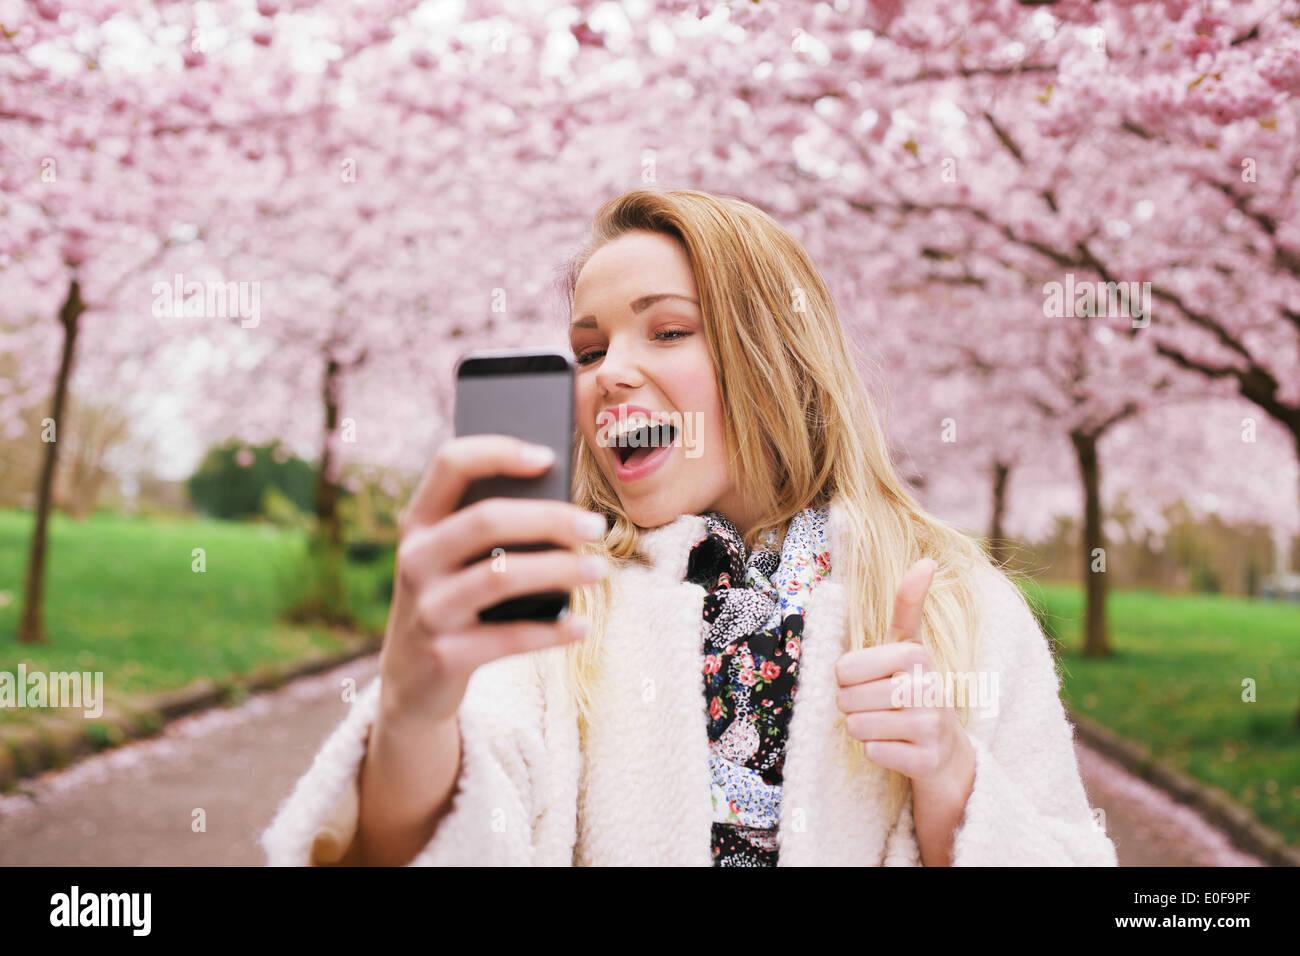 Fröhliche junge Frau Daumen ihr Bild mit ihrem Handy zu sprechen und Gestikulieren Zeichen. Caucasian female Model posiert. Stockbild